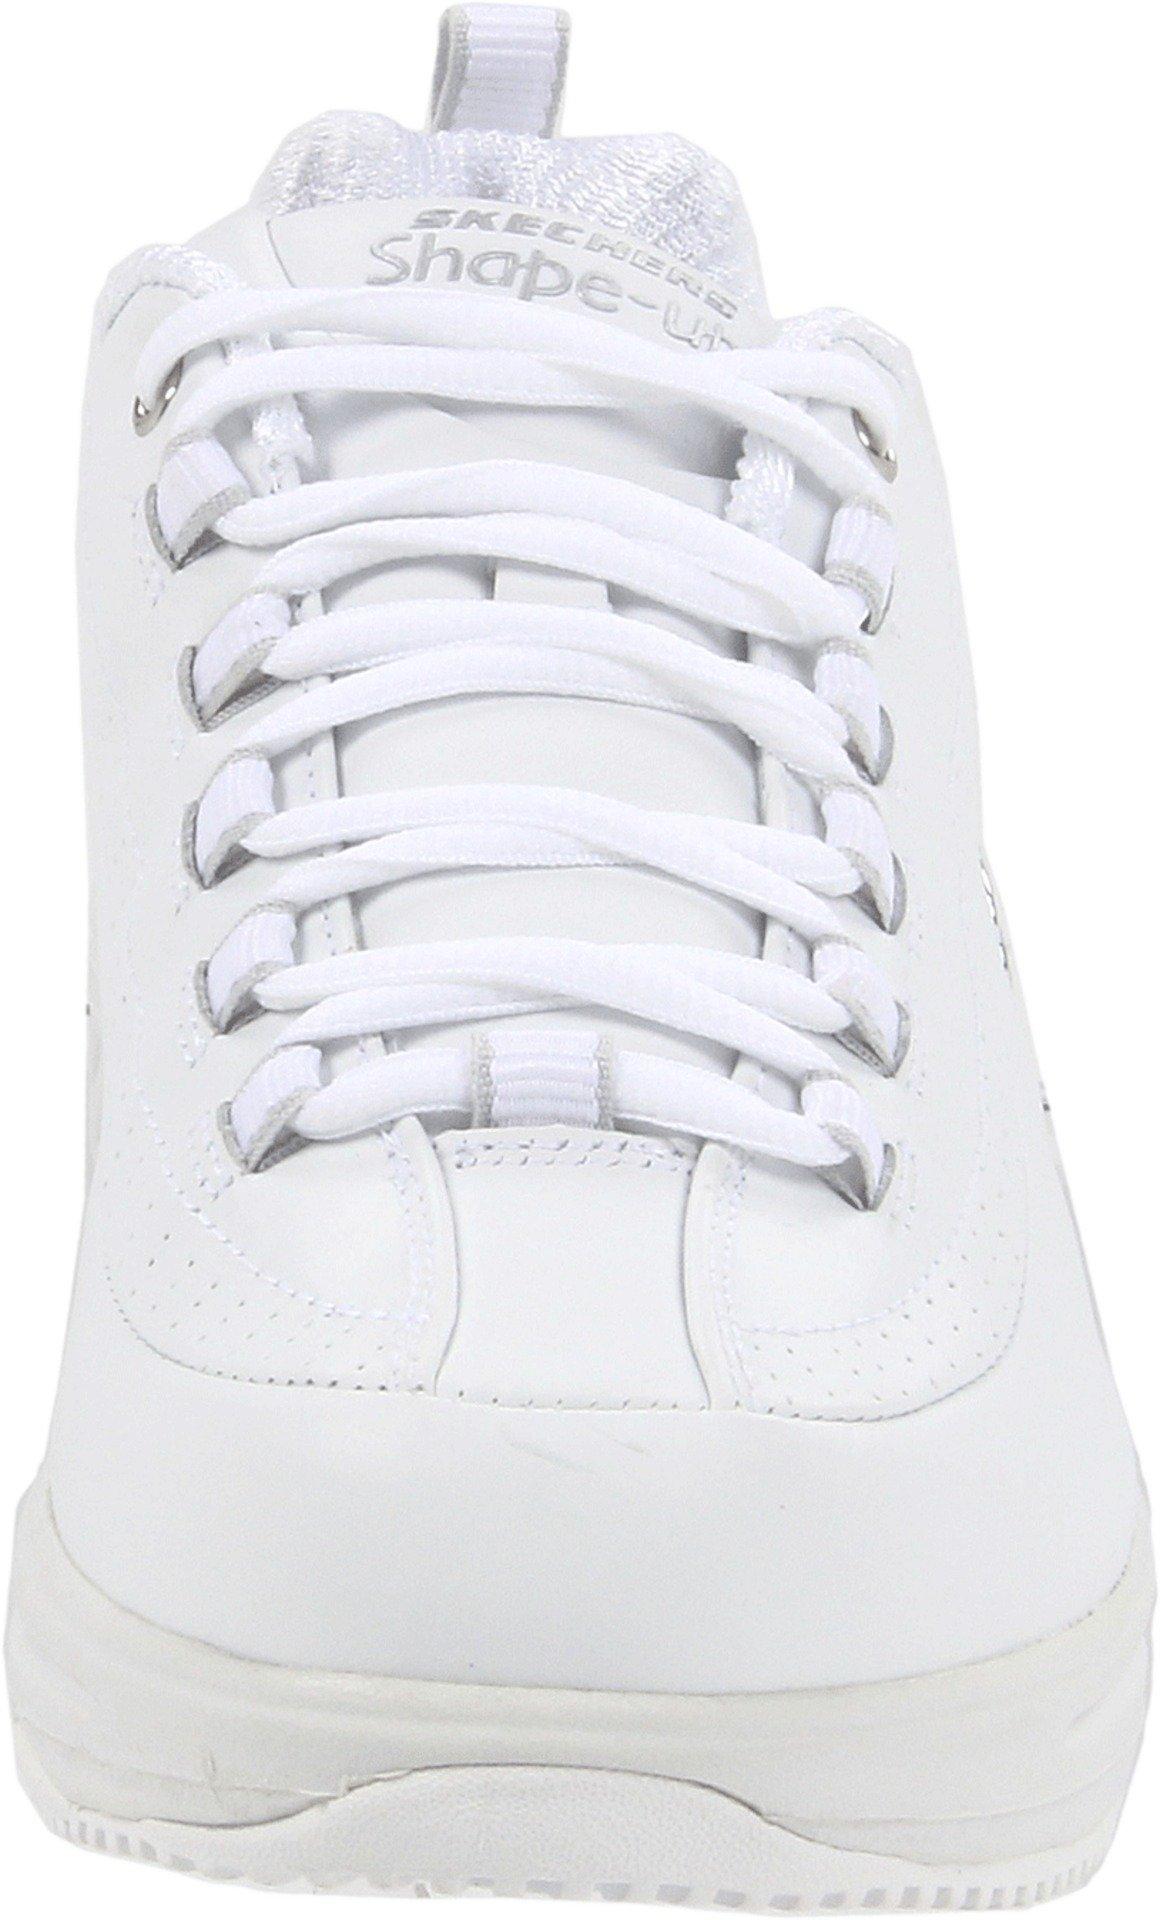 Skechers for Work Women's Shape Ups Slip Resistant Sneaker,White,10 M US by Skechers (Image #4)